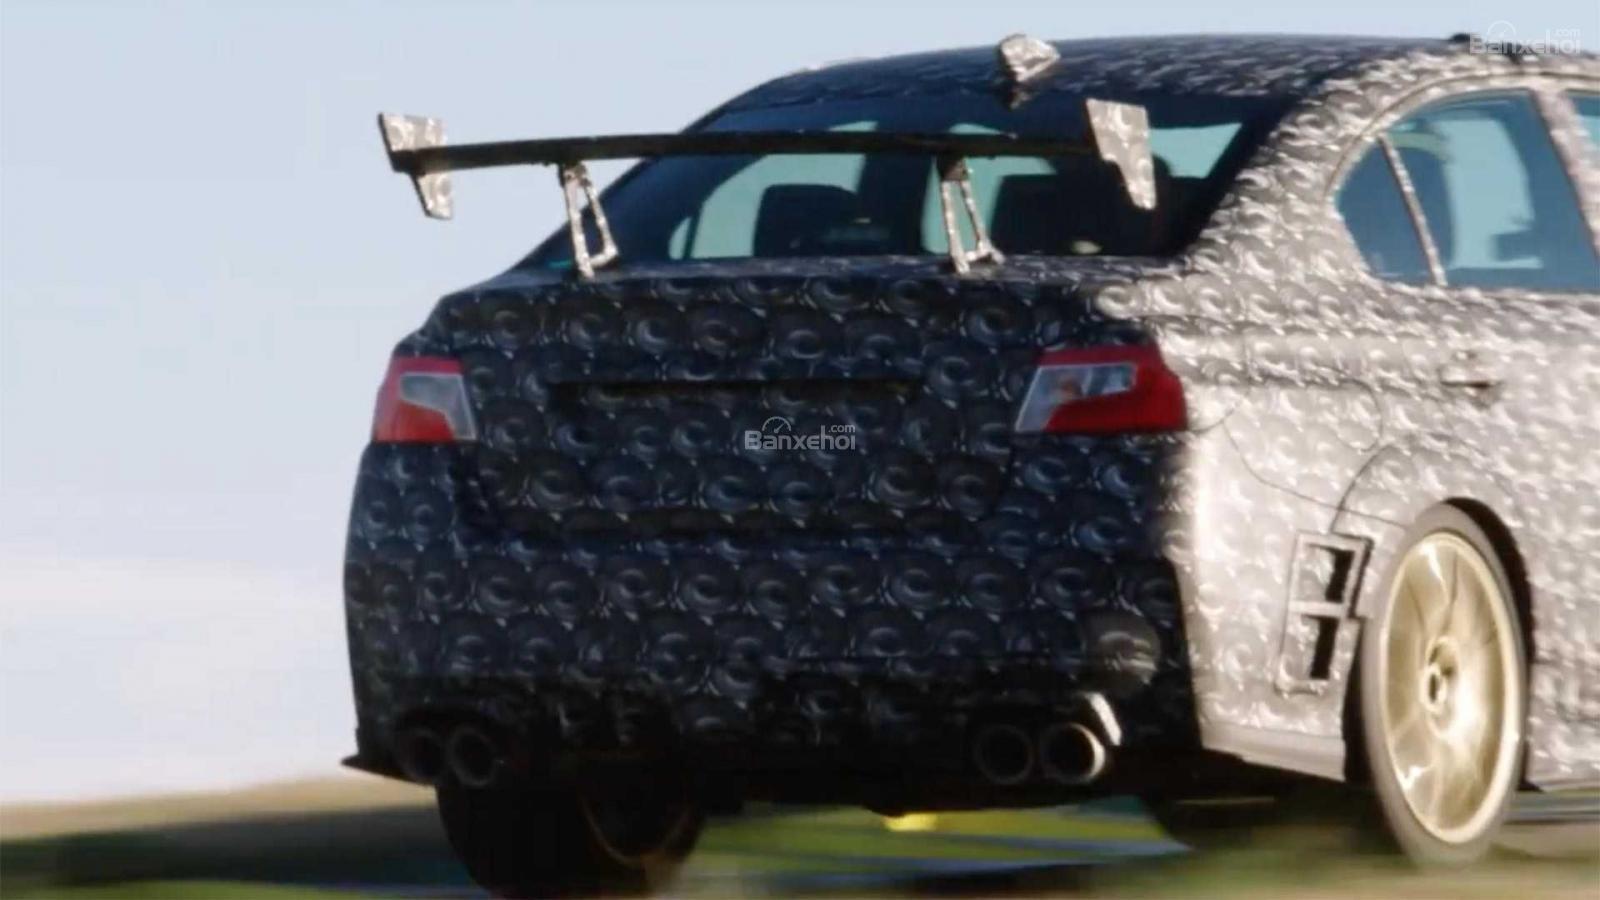 Subaru WRX STI S209 nhá hàng trước ngày ra mắt - 3